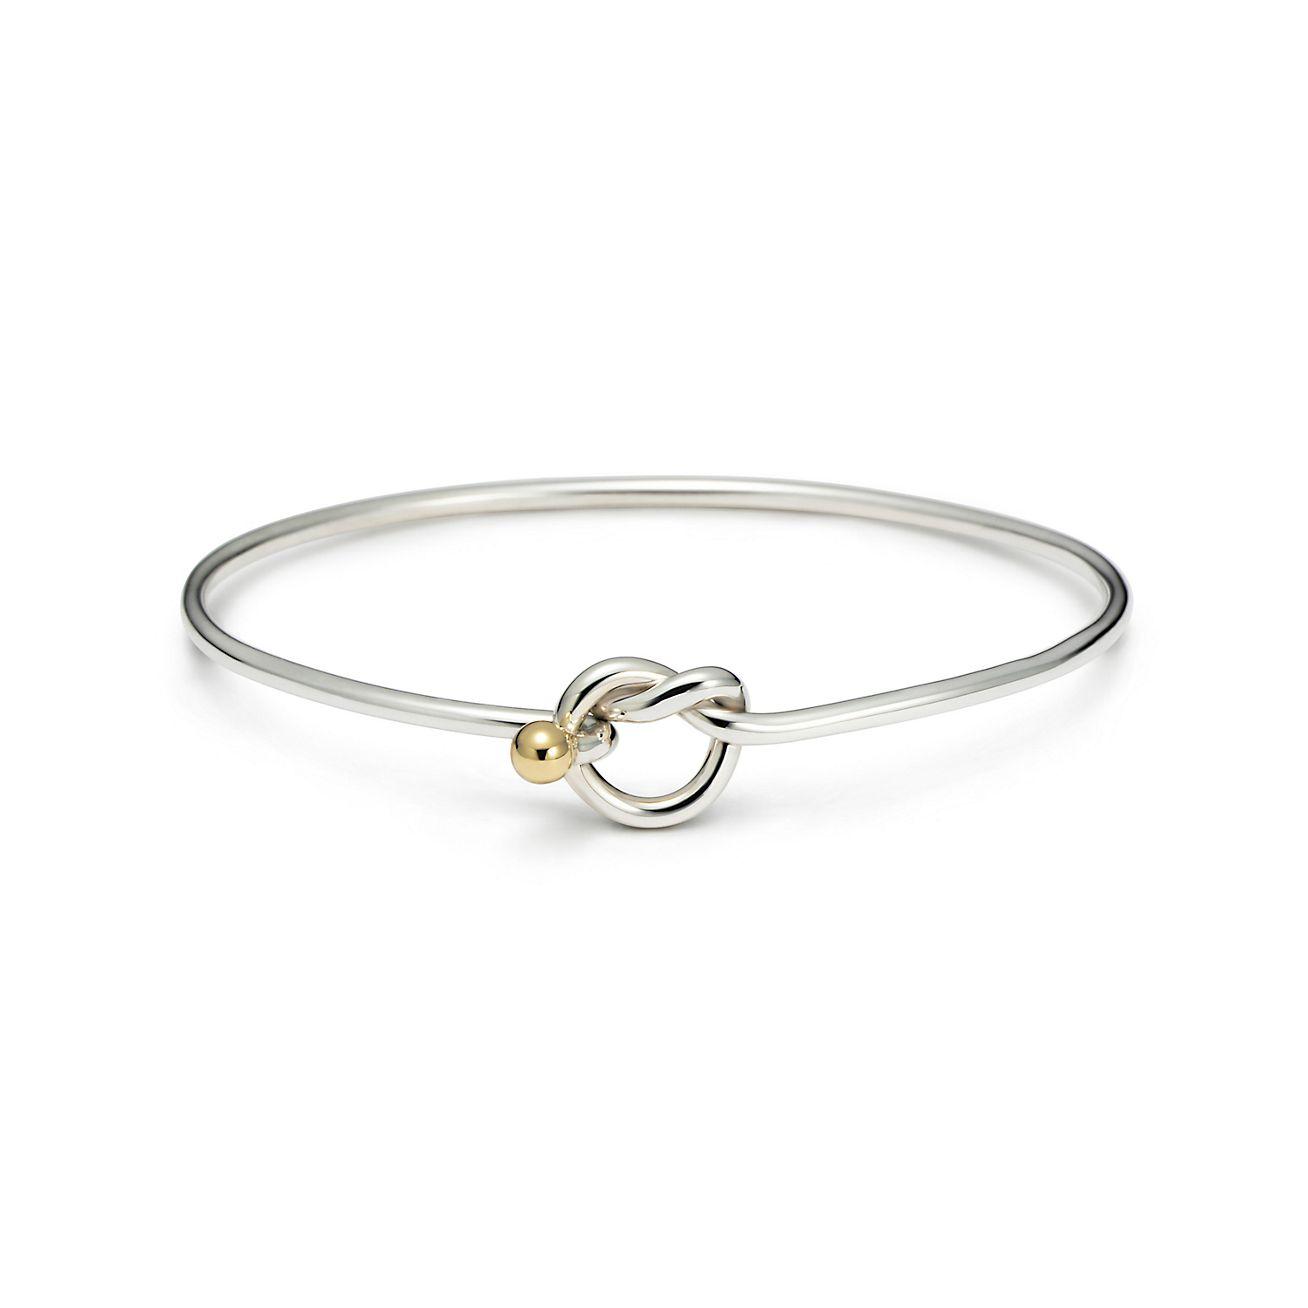 Jewelry Bracelets Love Knot Bangle 13105413 Tiffany Bangle Bracelet